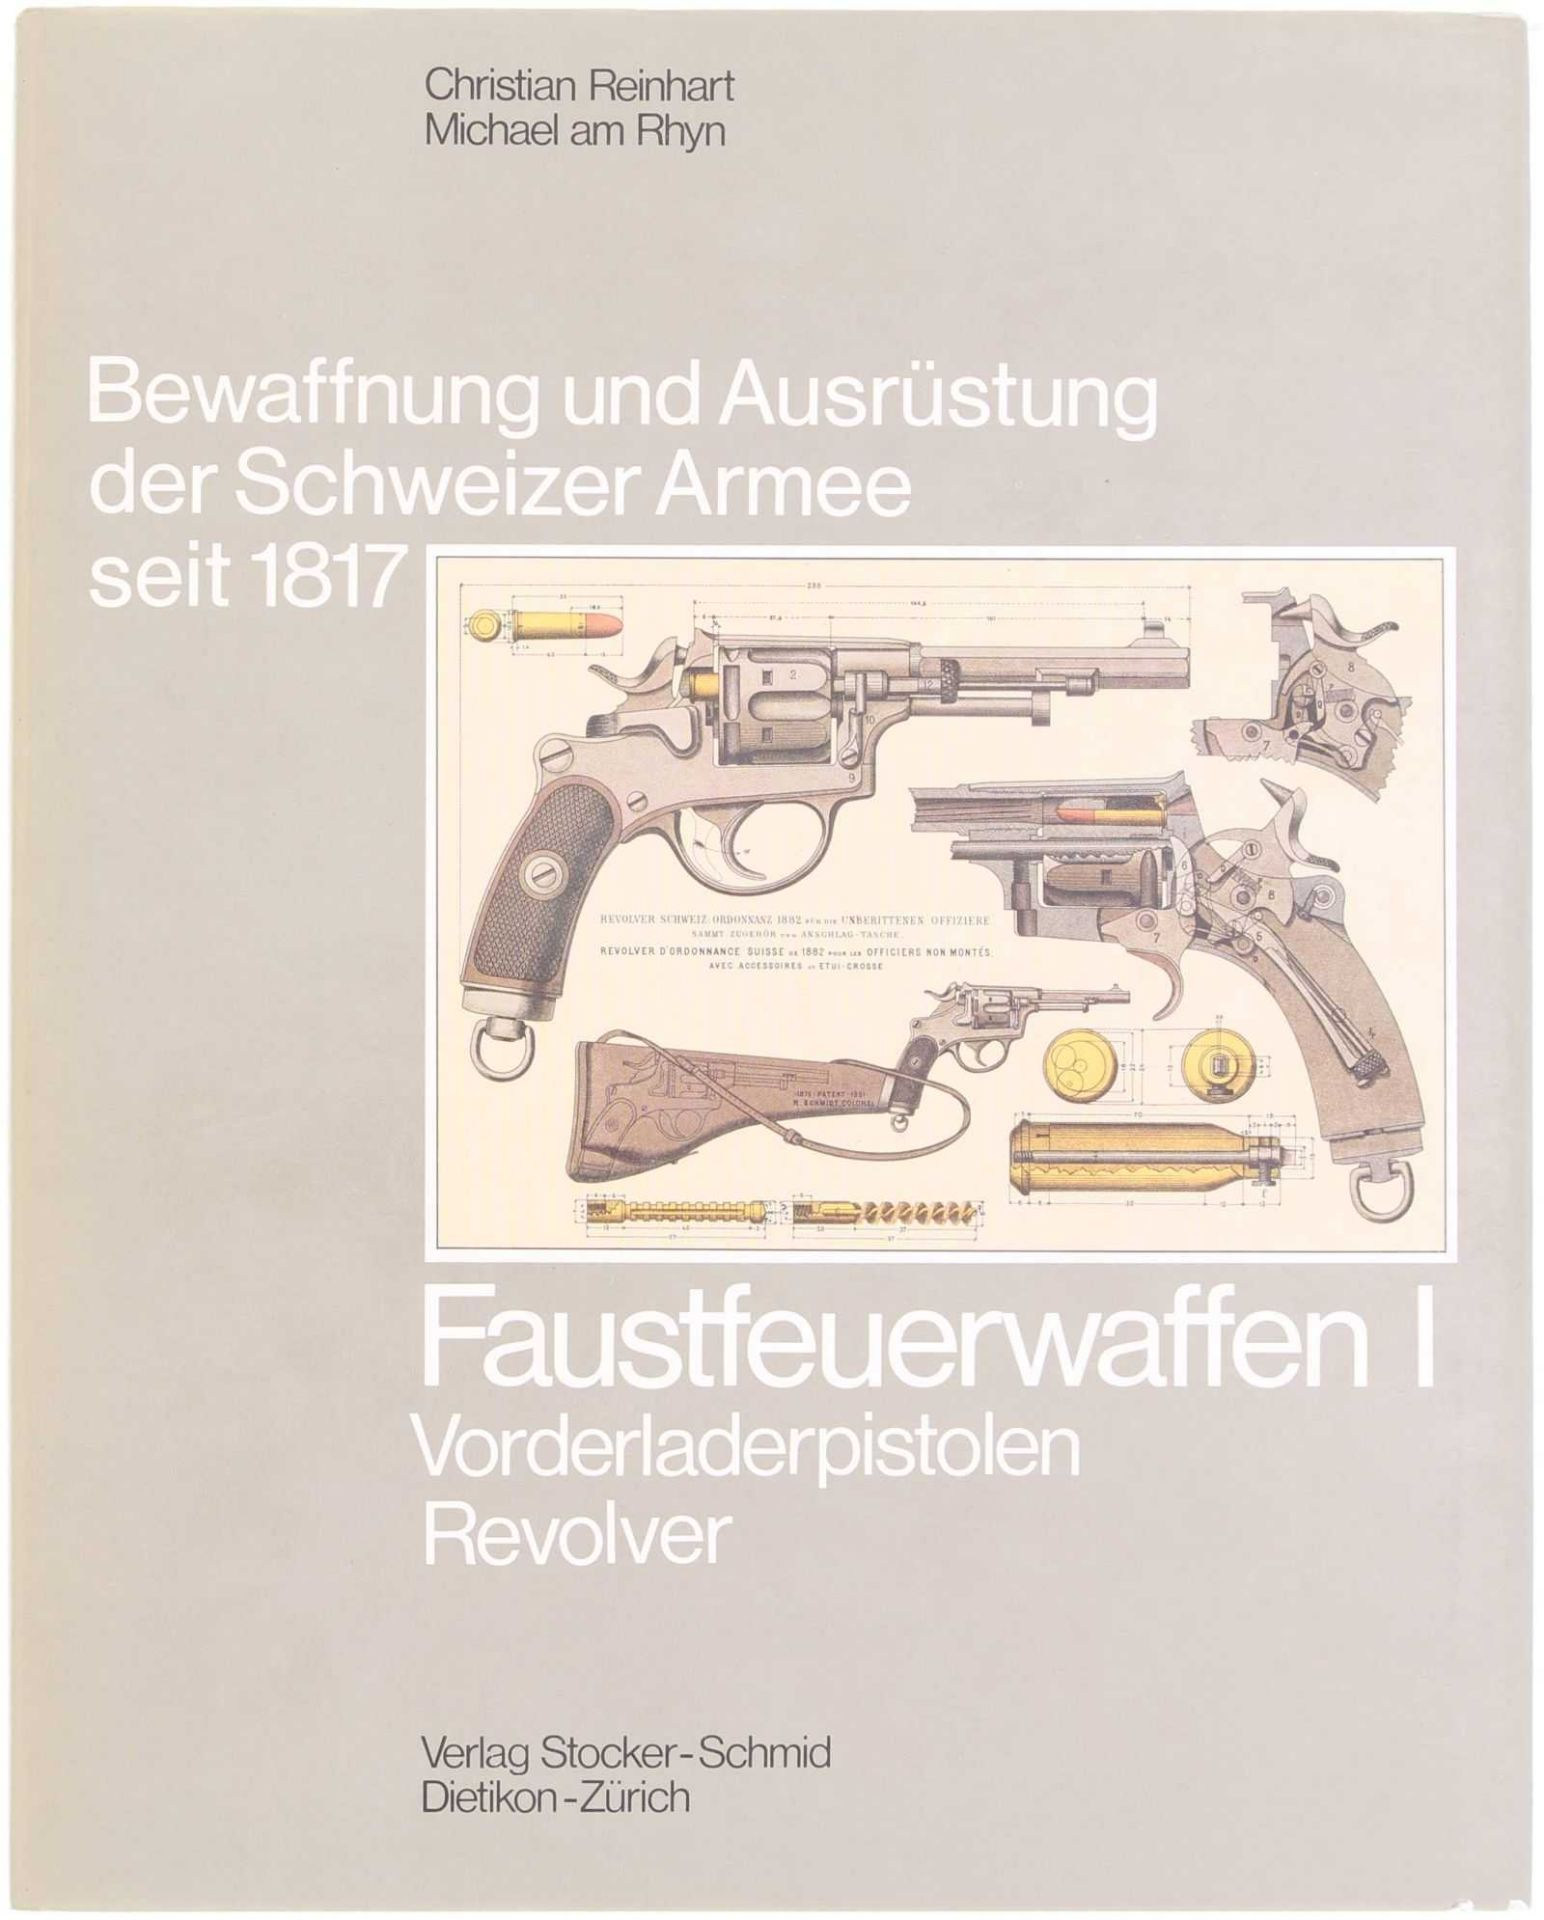 """Buch, """"Bewaffnung und Ausrüstung der Schweizer Armee seit 1917, Faustfeuerwaffen 1,"""